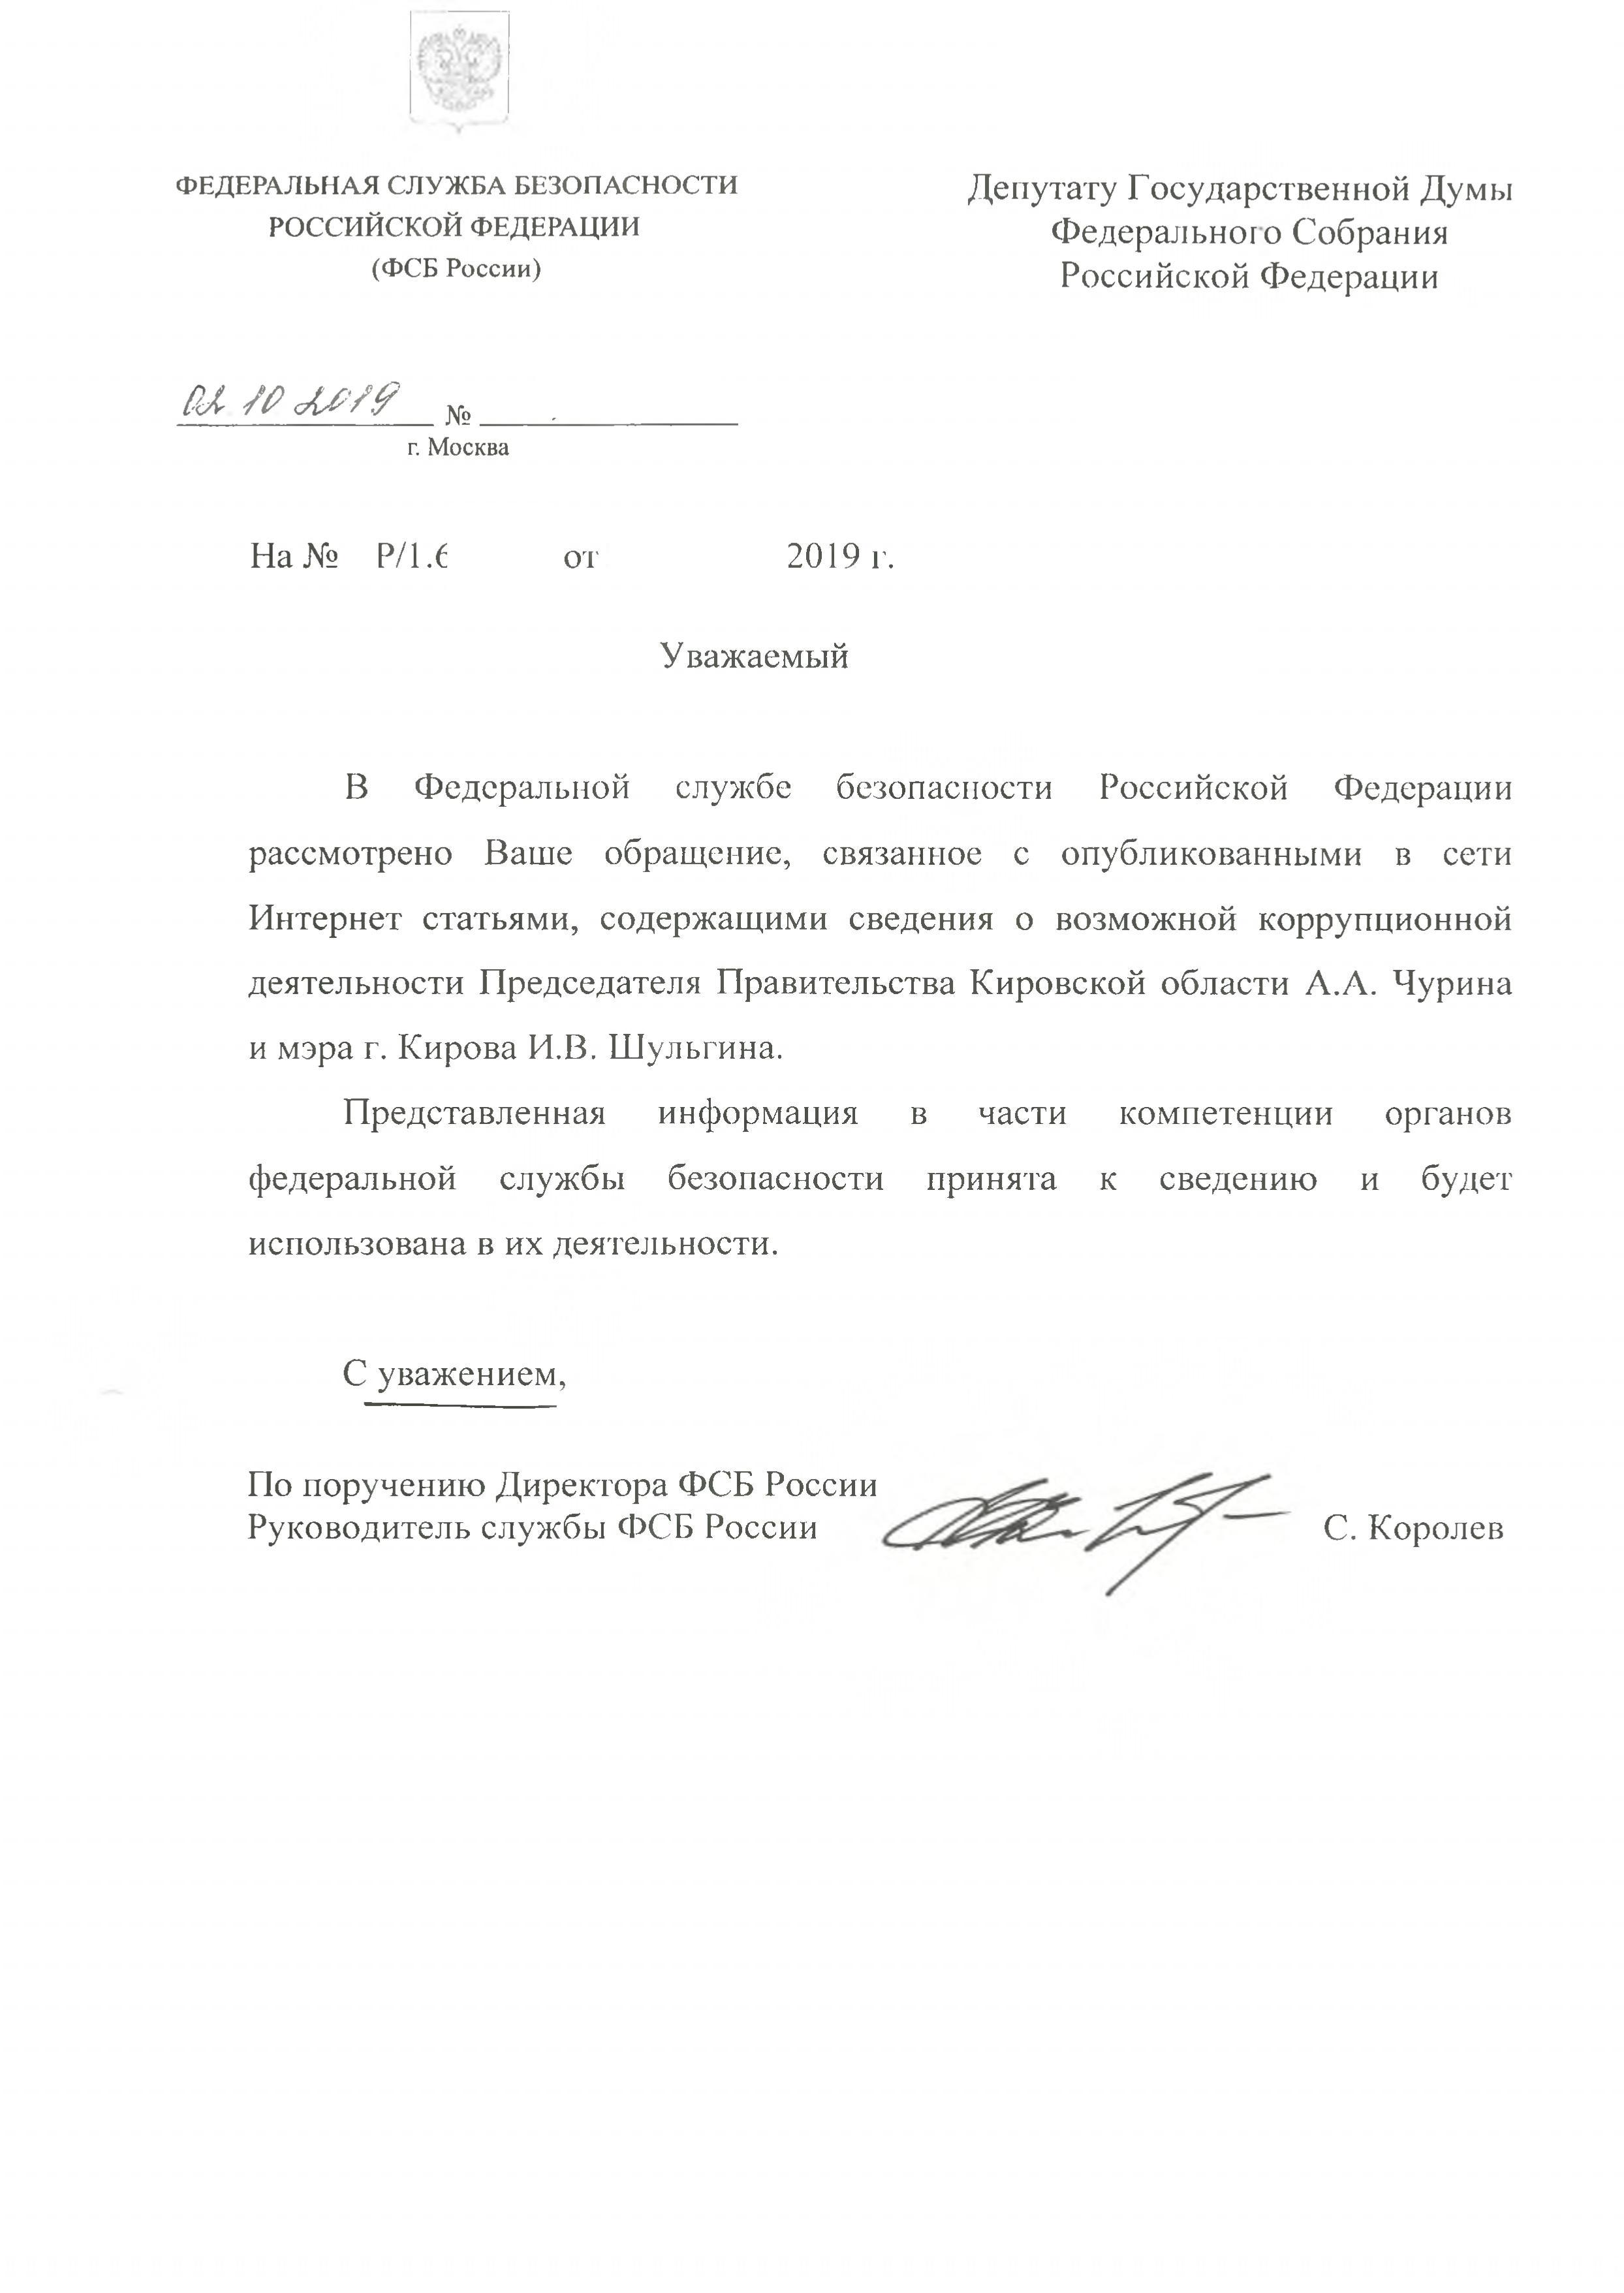 ответ от СЭБ ФСБ России